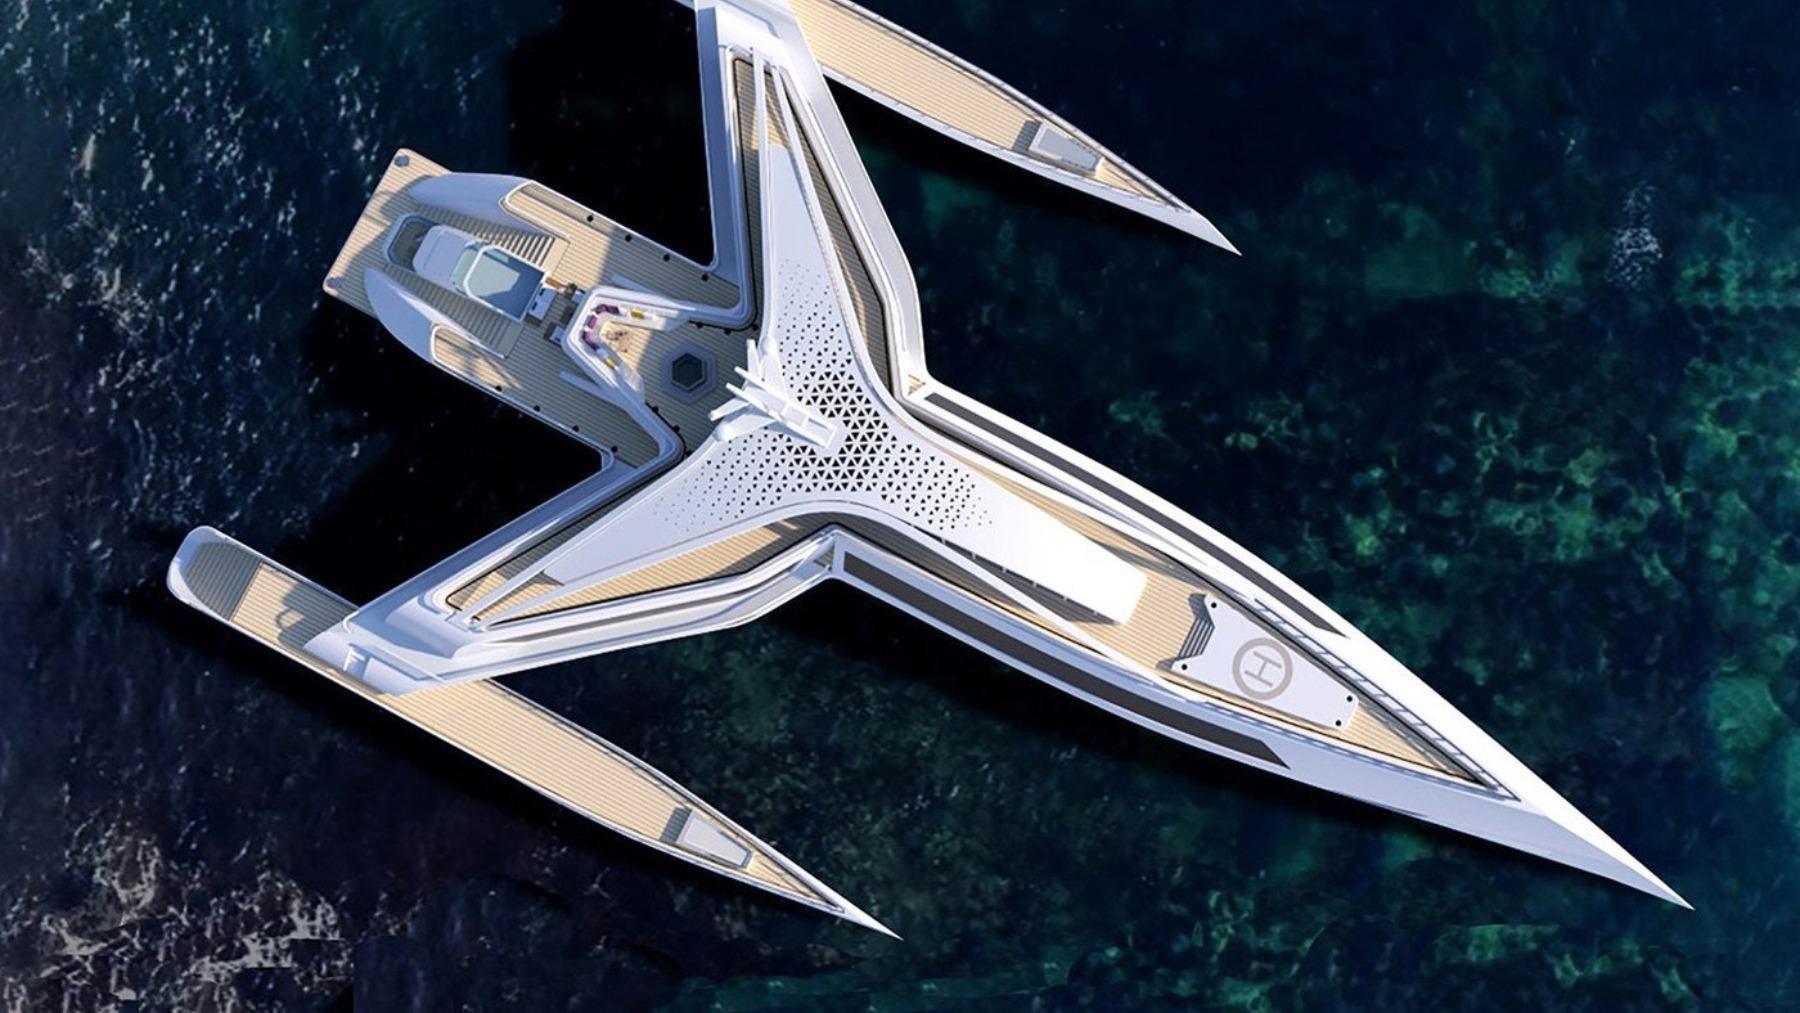 El yate de lujo inspirado en las naves de Star Wars